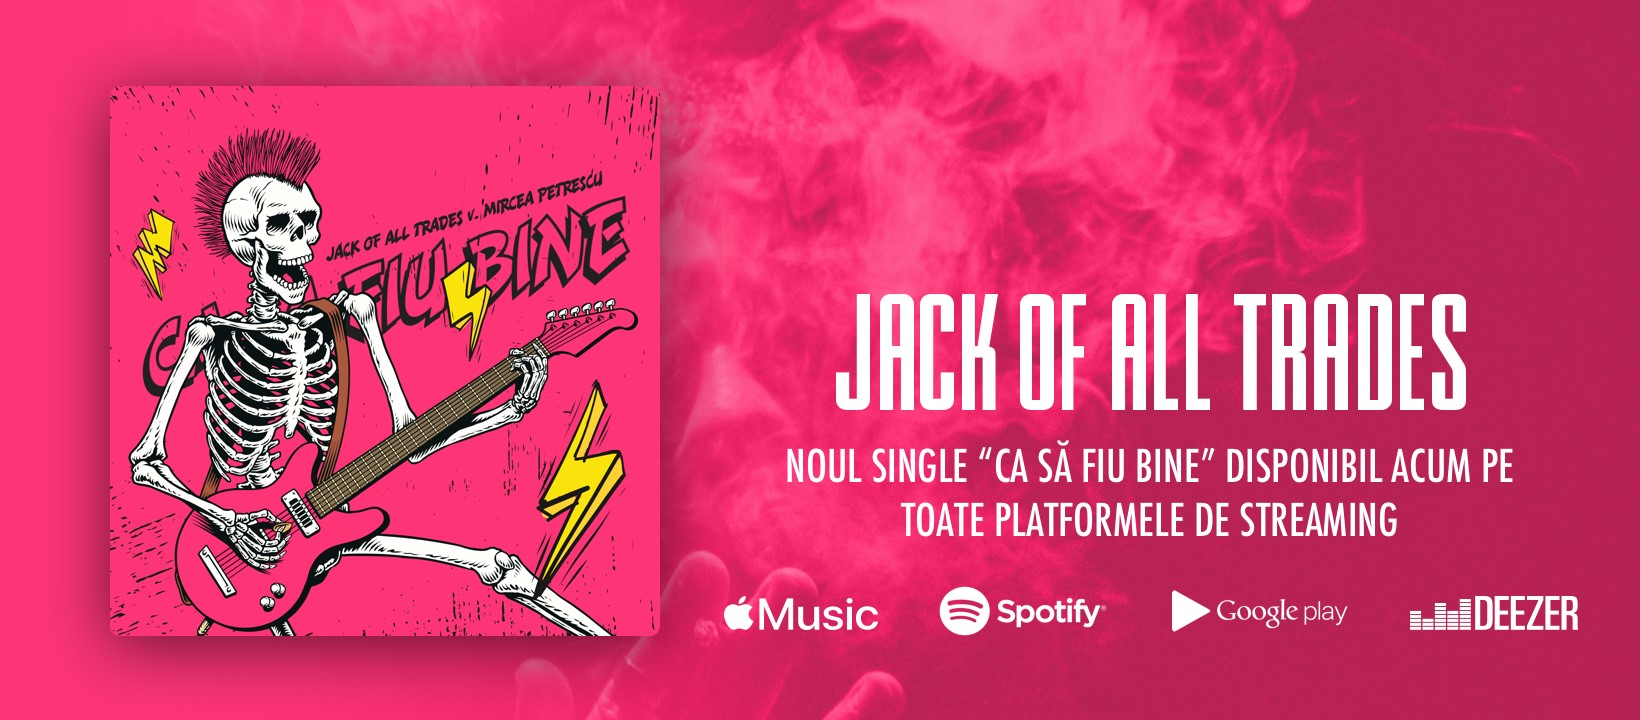 """Trupa Jack of all Trades a lansat piesa """"Ca Să Fiu Bine"""" feat. Mircea Petrescu, Sonic Taste"""